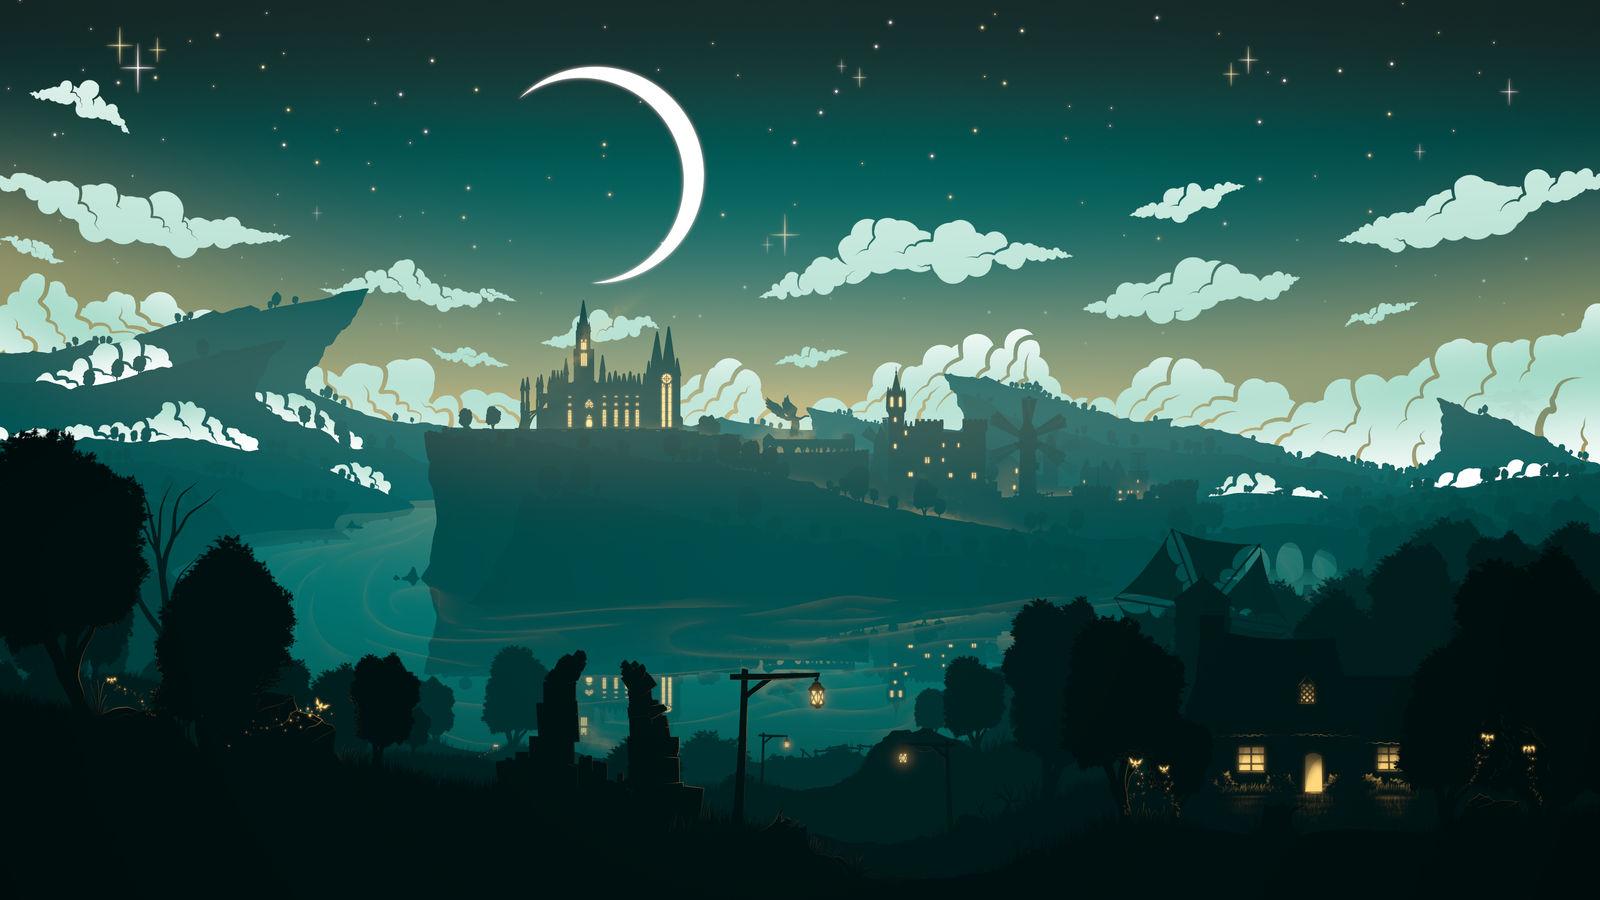 Deviant - art : une source d'inspiration pour nos univers ? - Page 3 Moon_over_monstadt_by_sevenics_dend7ok-fullview.jpg?token=eyJ0eXAiOiJKV1QiLCJhbGciOiJIUzI1NiJ9.eyJzdWIiOiJ1cm46YXBwOjdlMGQxODg5ODIyNjQzNzNhNWYwZDQxNWVhMGQyNmUwIiwiaXNzIjoidXJuOmFwcDo3ZTBkMTg4OTgyMjY0MzczYTVmMGQ0MTVlYTBkMjZlMCIsIm9iaiI6W1t7ImhlaWdodCI6Ijw9OTAwIiwicGF0aCI6IlwvZlwvNWFiOTQ5ZDktZDM2NS00OWQzLTk1NDctODg0NTkzZTBhMzllXC9kZW5kN29rLWQwNzUxMjk2LWY2MTktNDc3OC04ZTgwLWQzYWUxMTRjNDUzZS5wbmciLCJ3aWR0aCI6Ijw9MTYwMCJ9XV0sImF1ZCI6WyJ1cm46c2VydmljZTppbWFnZS5vcGVyYXRpb25zIl19